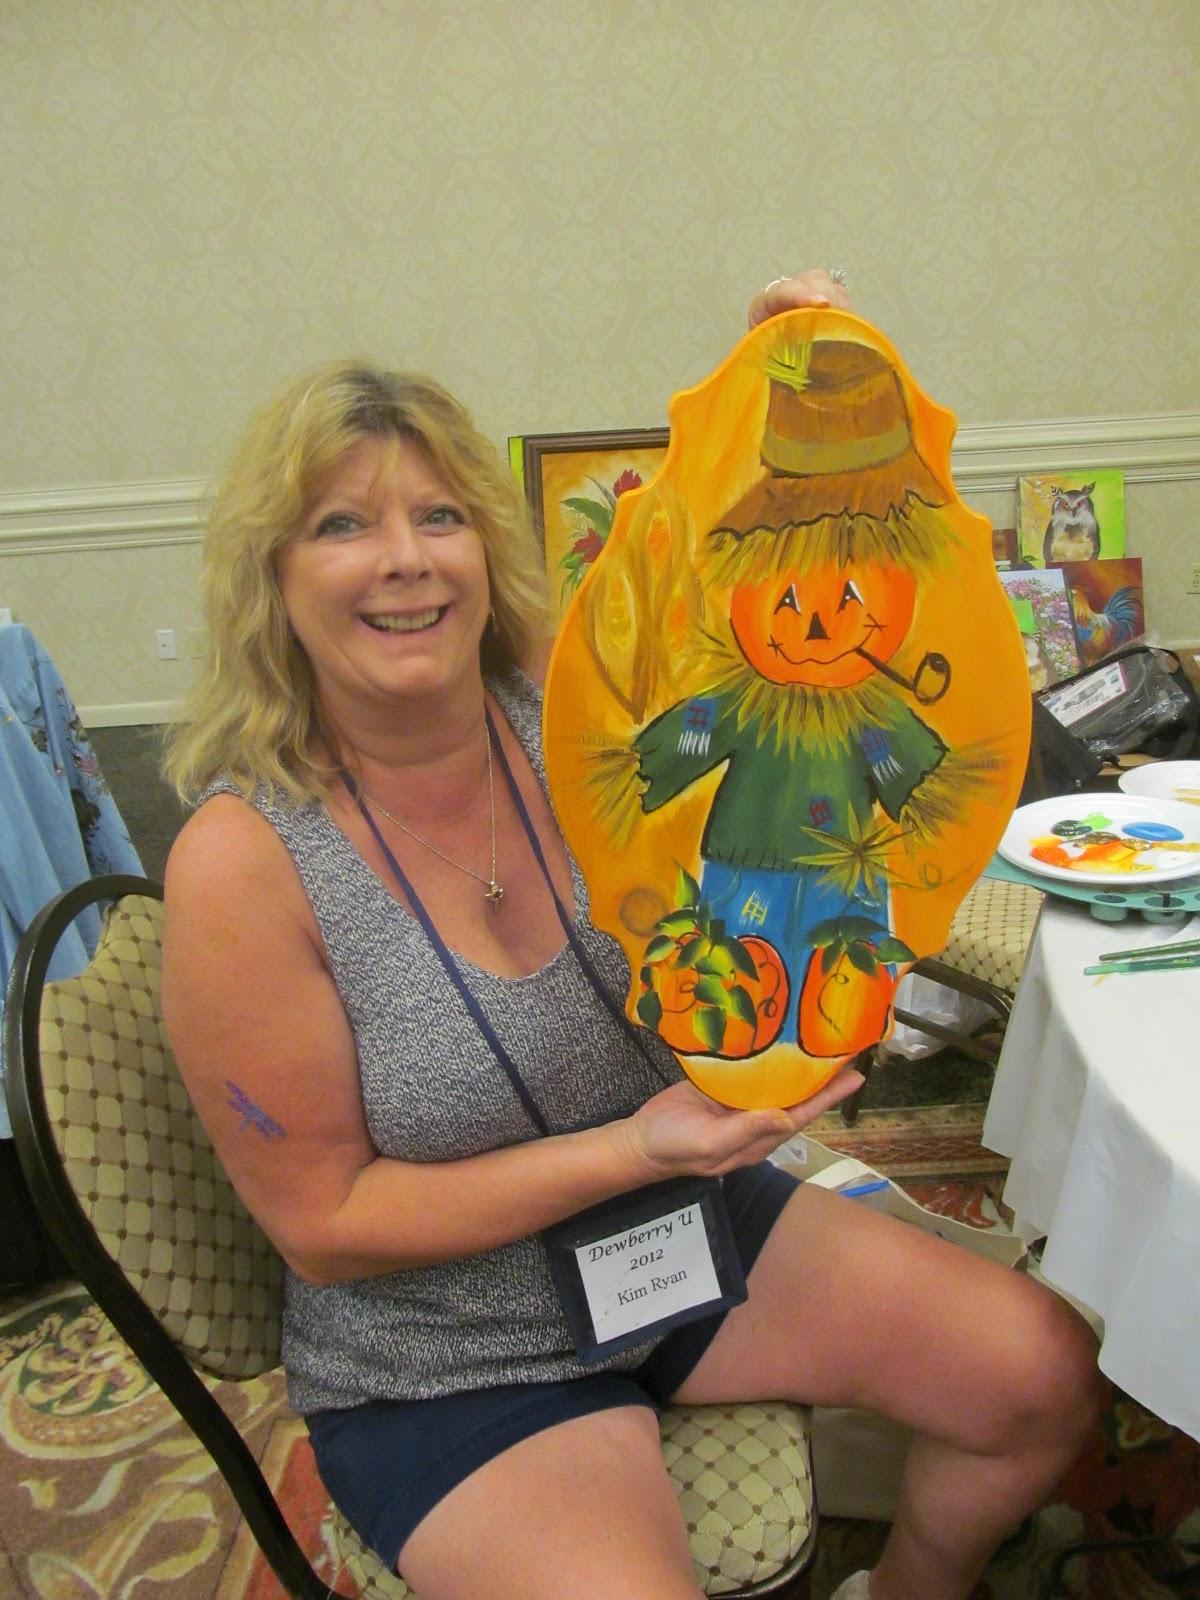 Donna Dewberry: July 2012